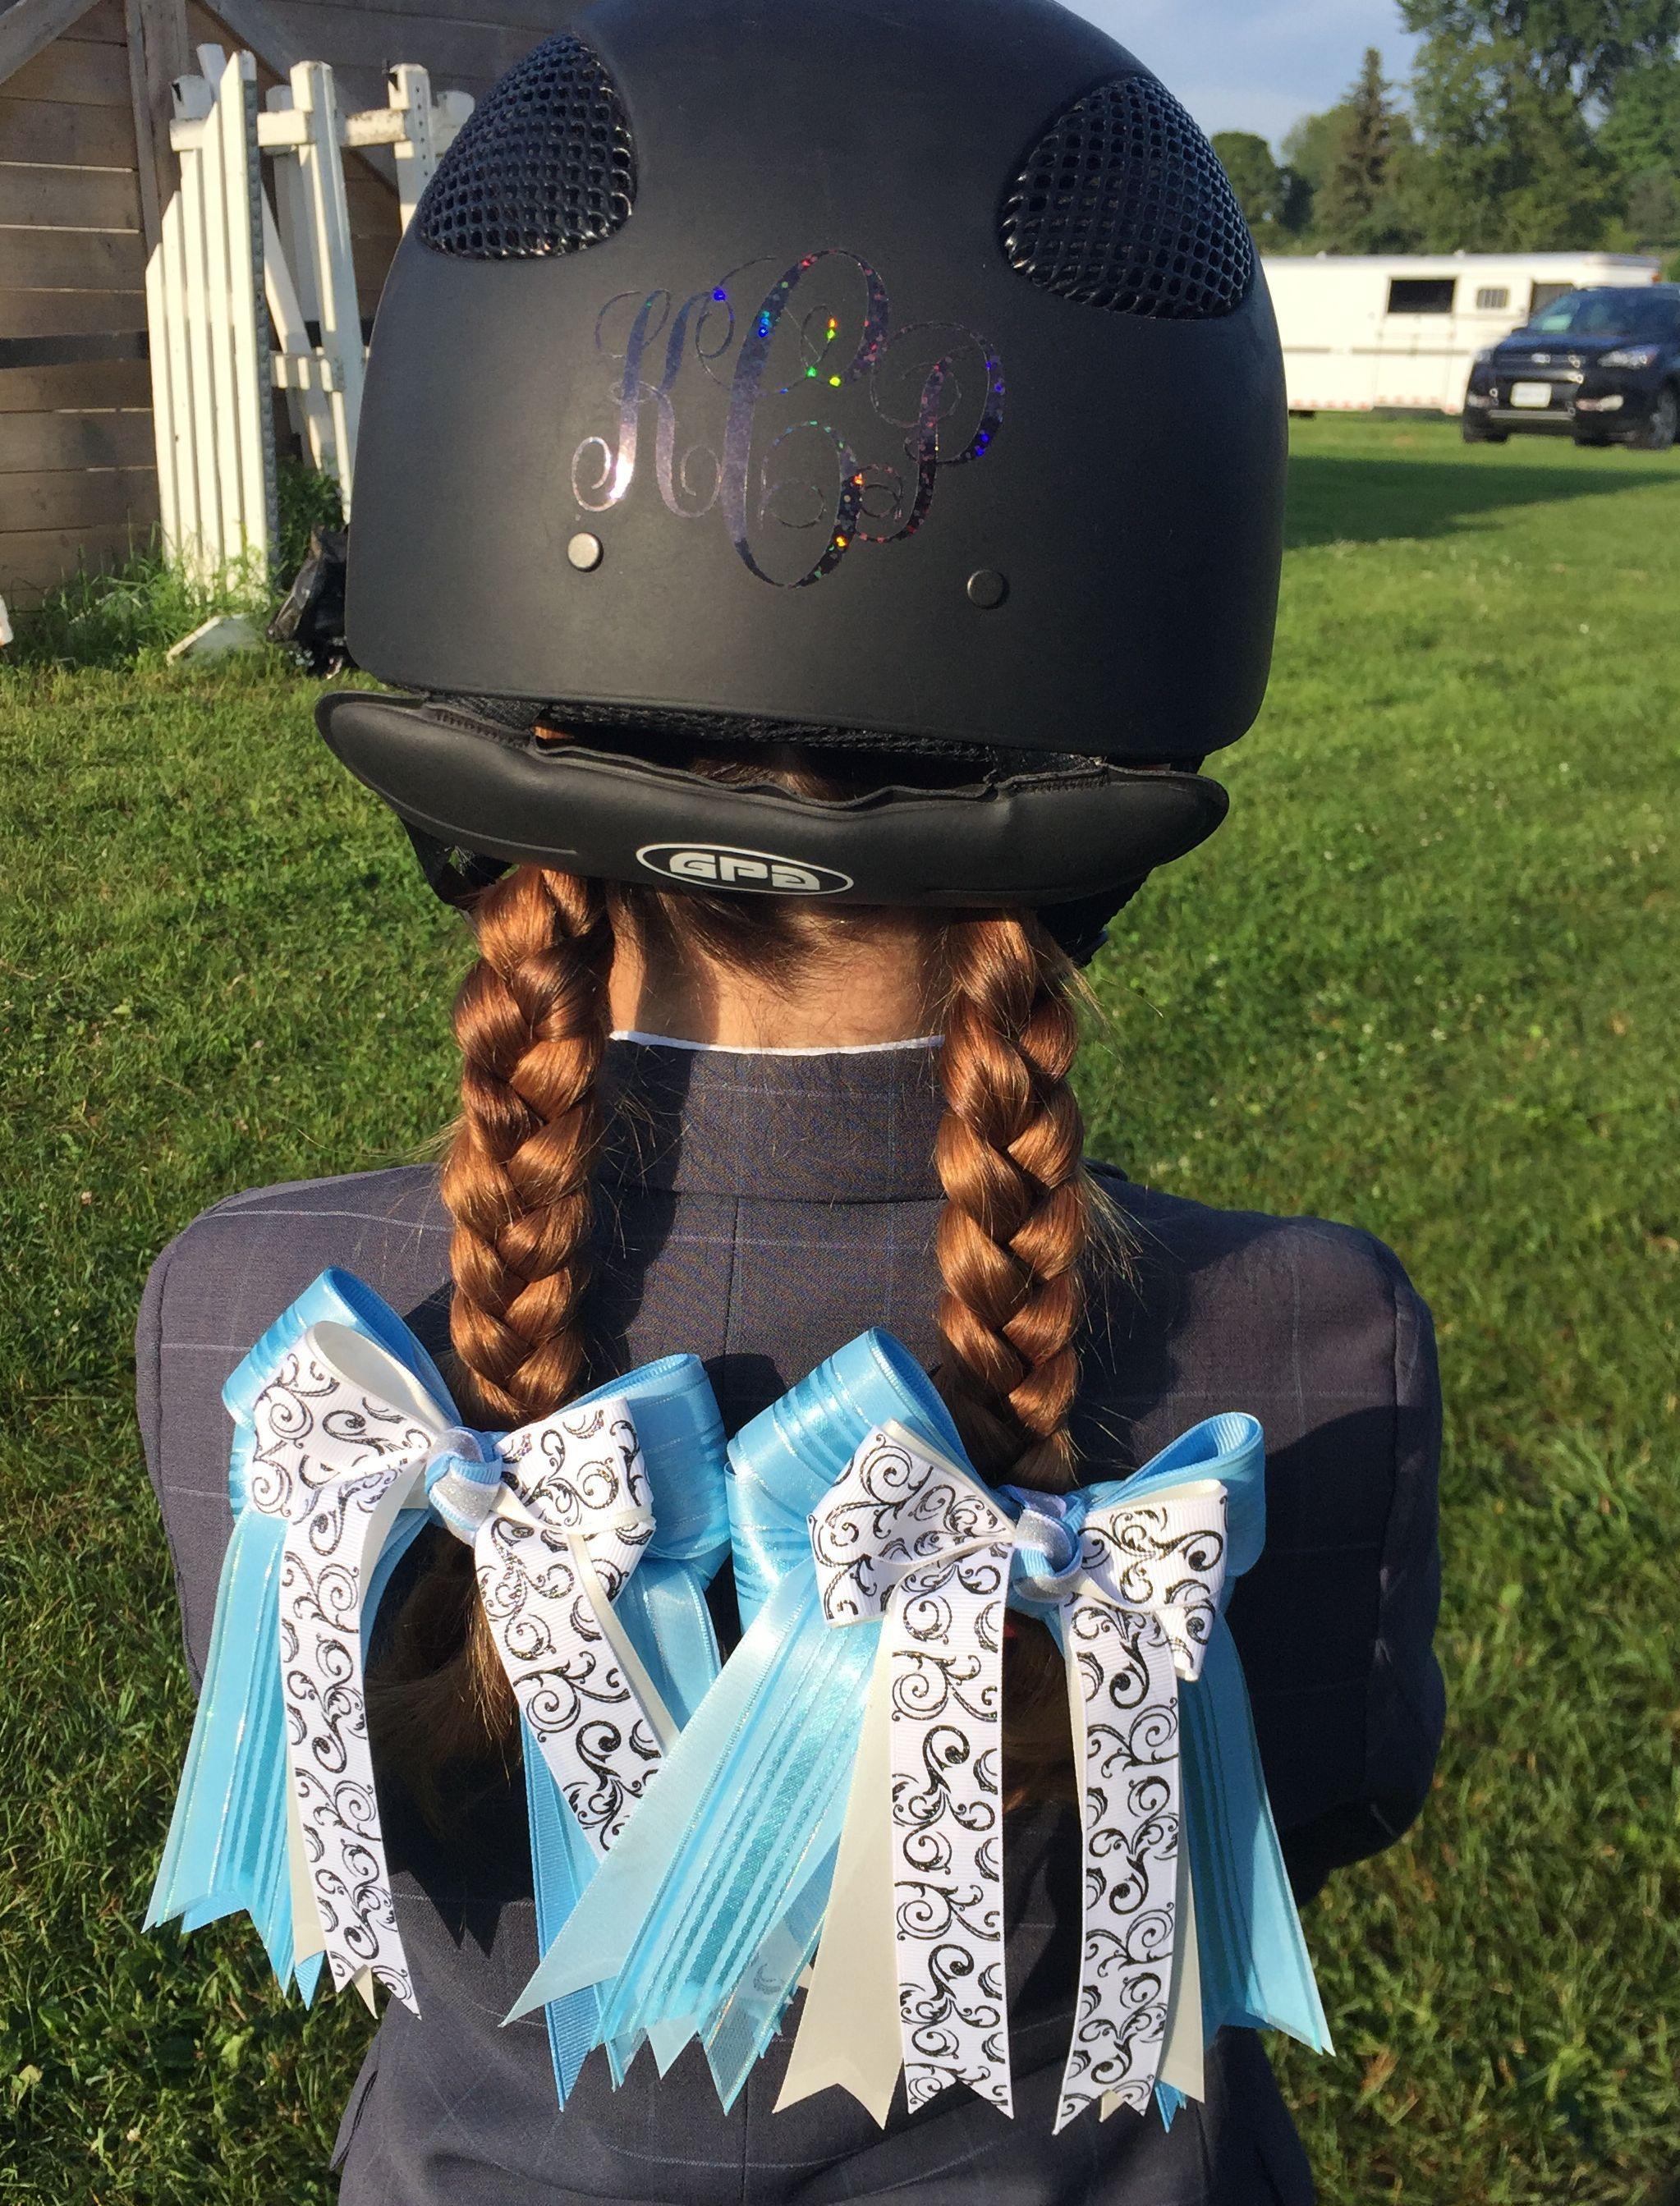 equestrian bows horse hair bows equestrian girl equestrian show bows horse show bows equestrian hair bows